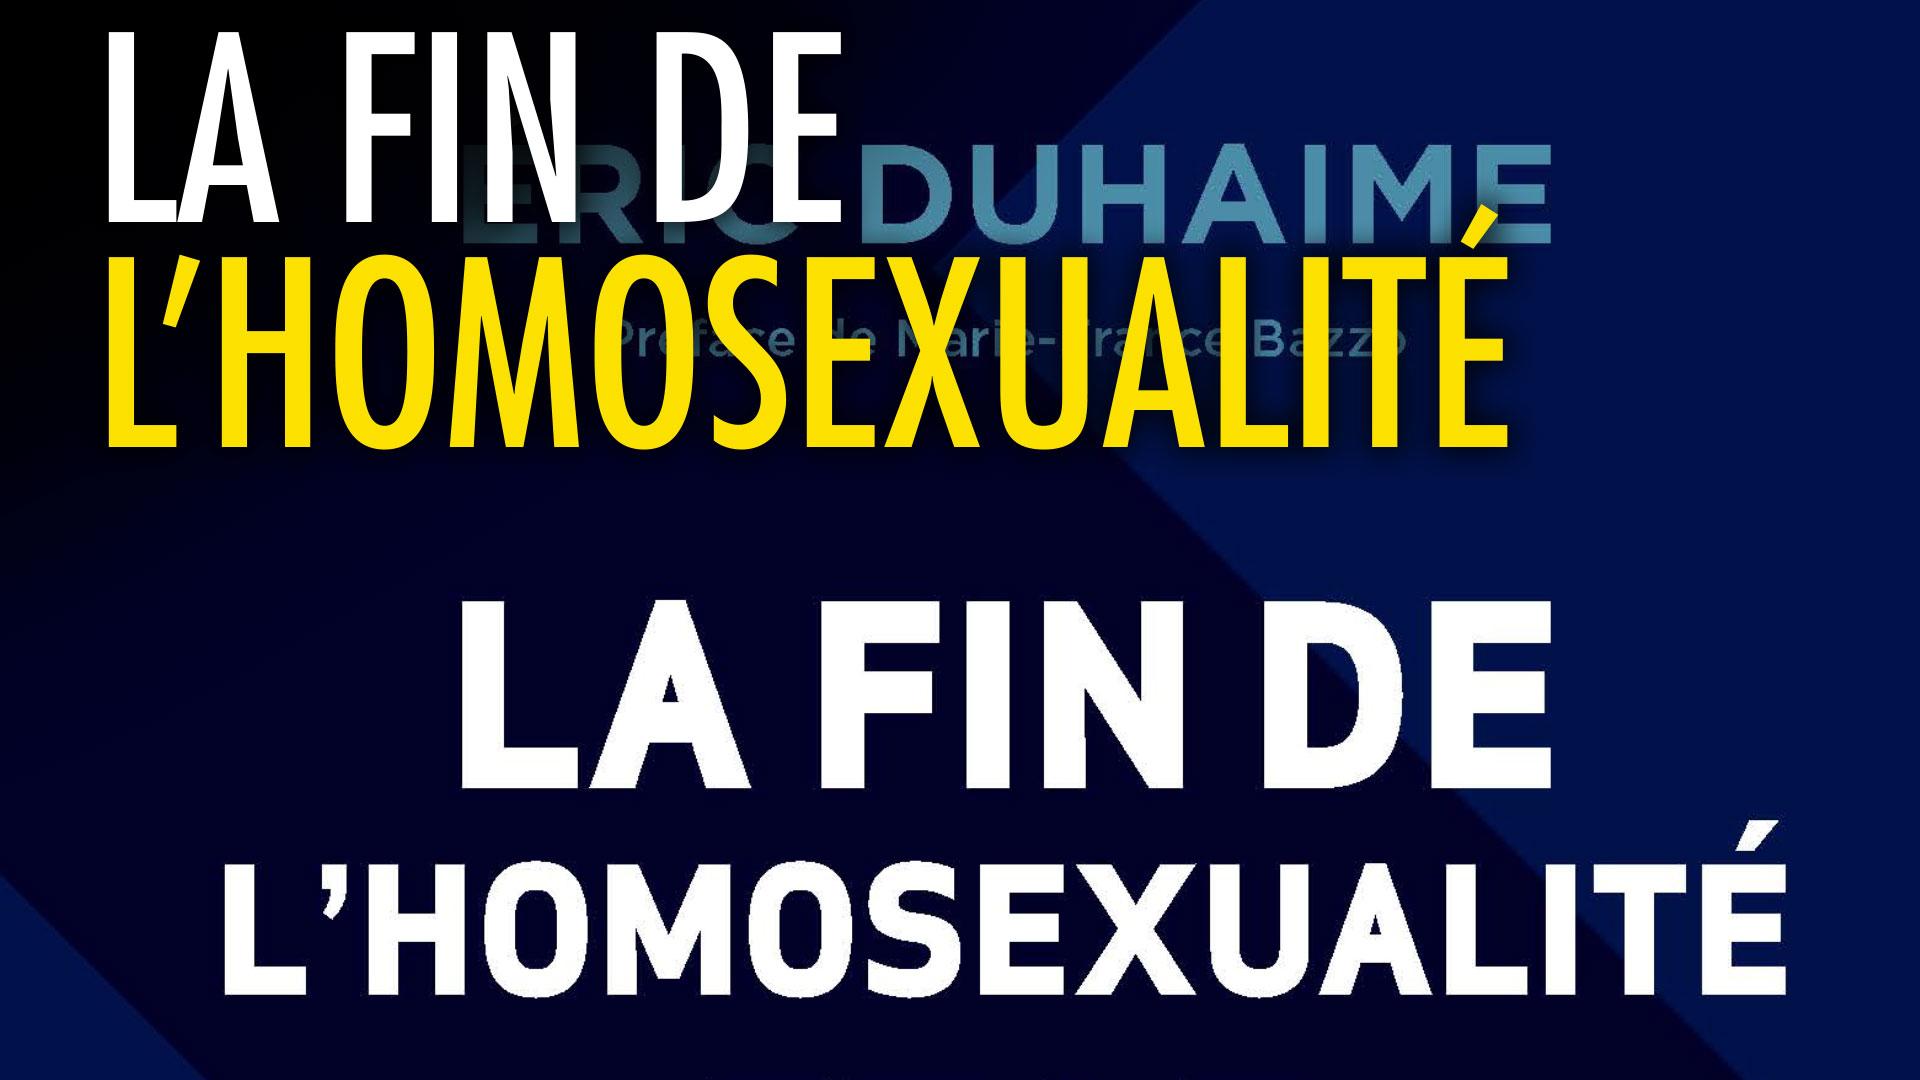 La Fin de l'homosexualité